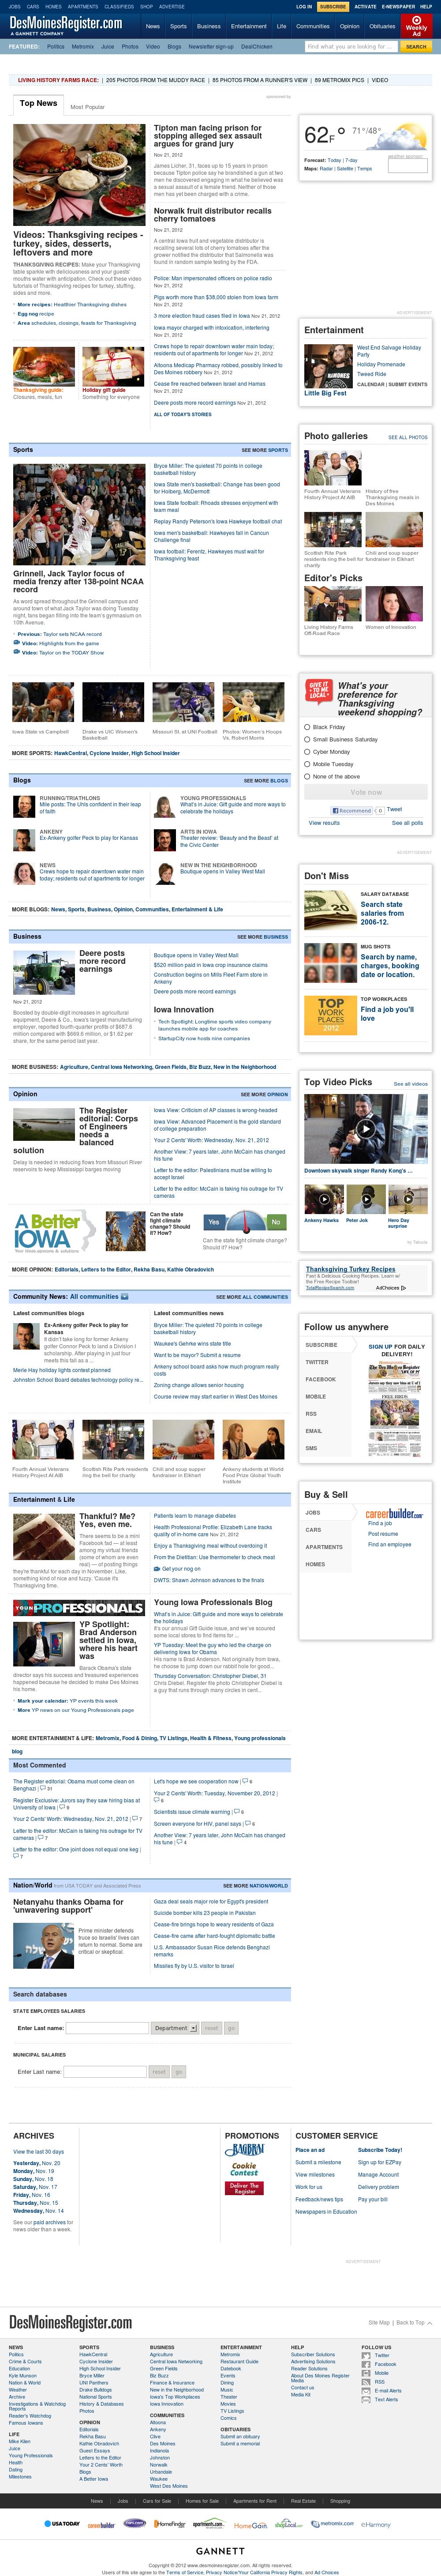 DesMoinesRegister.com at Thursday Nov. 22, 2012, 9:07 a.m. UTC